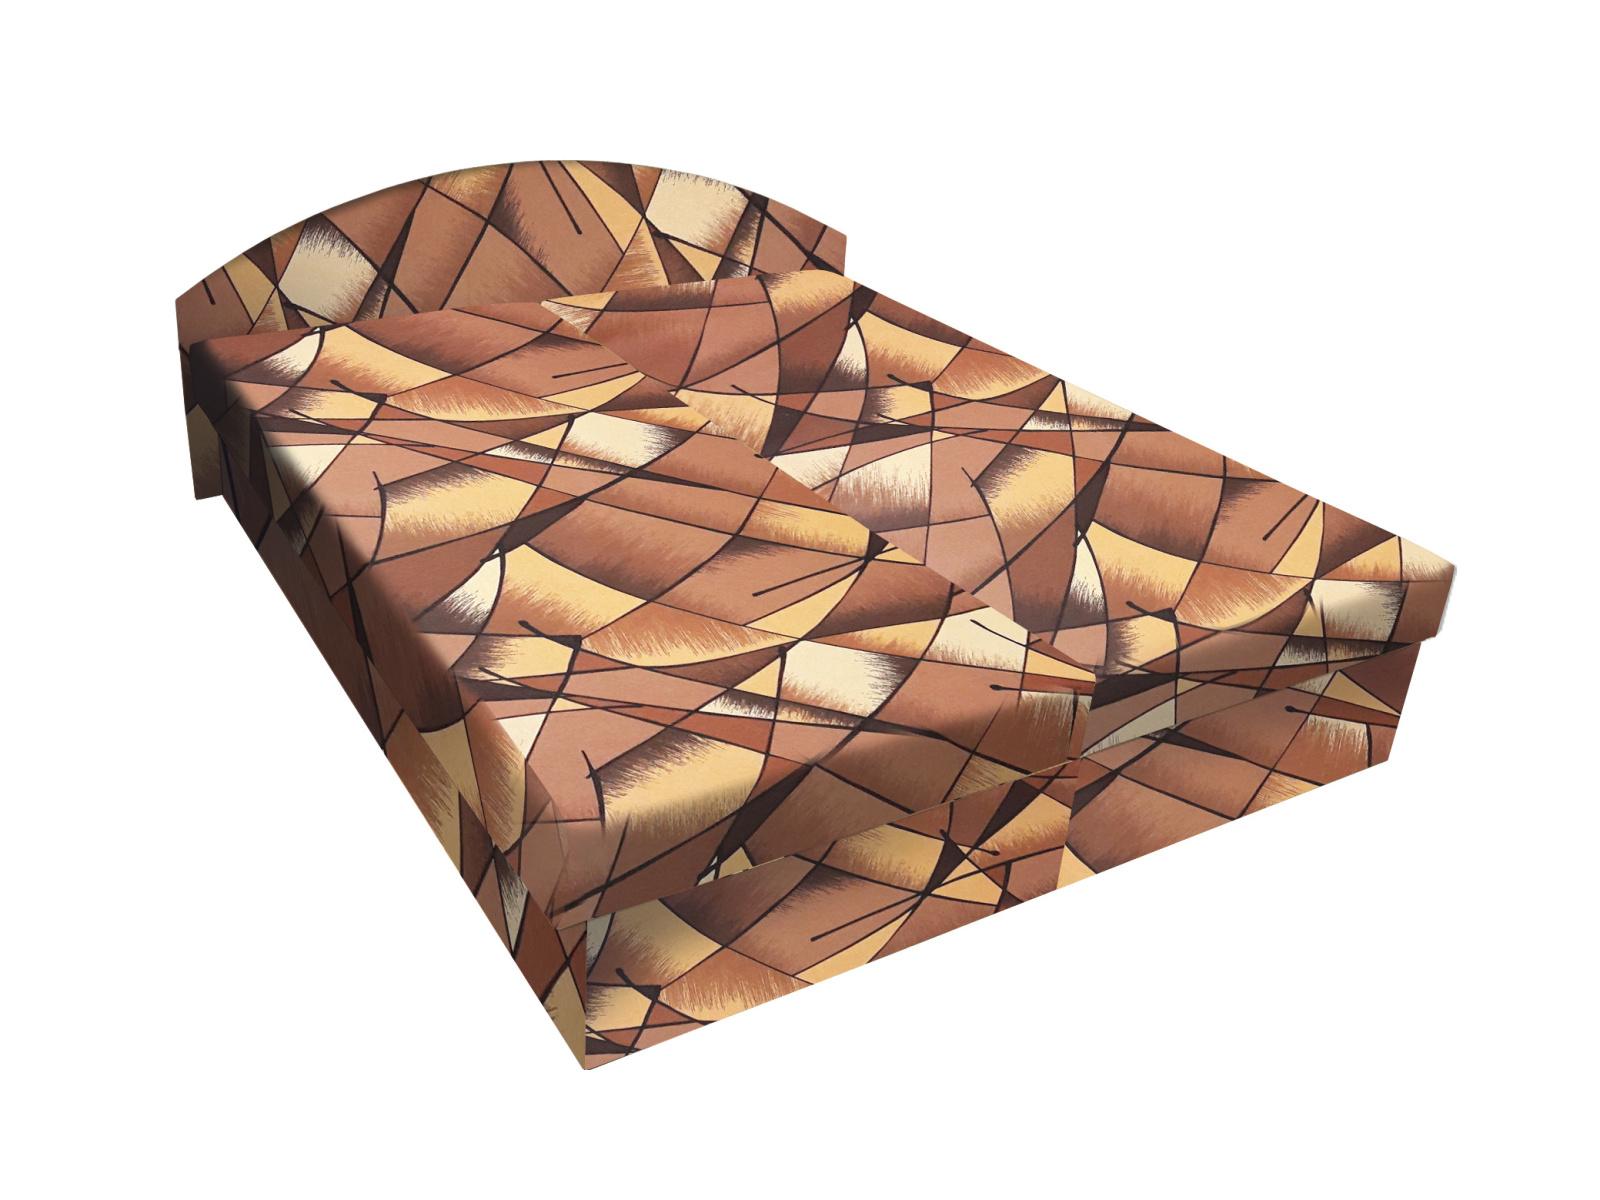 Smartshop Čalouněná postel ÁJA 140x200 cm, hnědožlutá látka